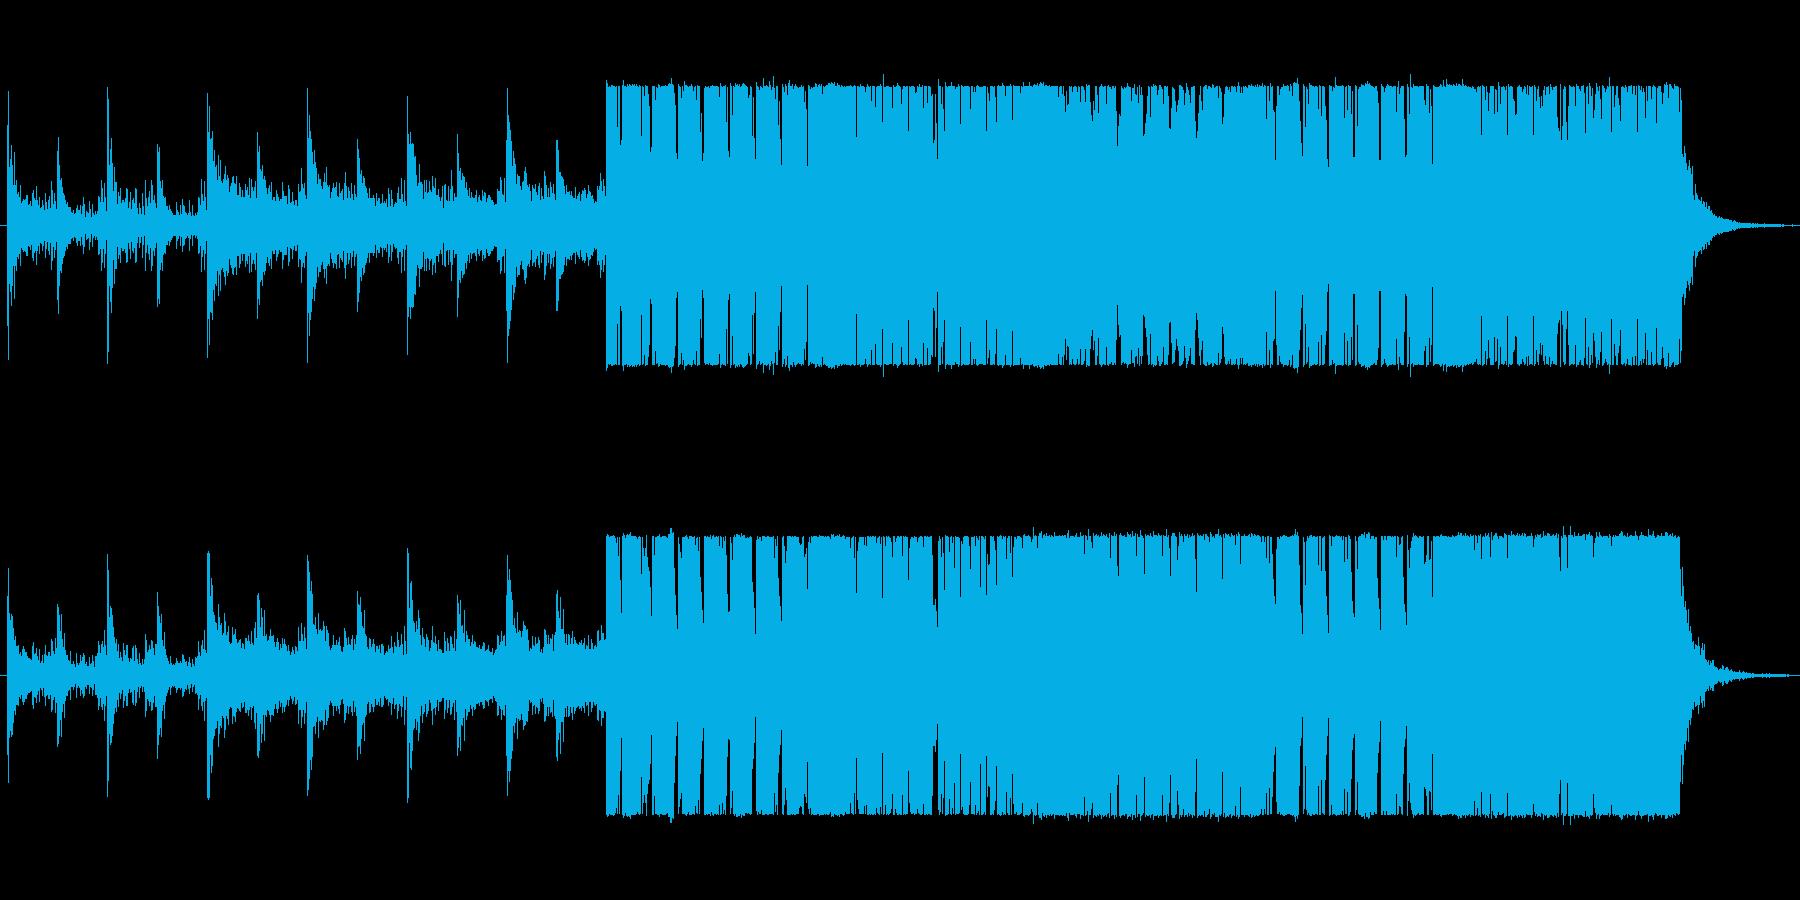 【よさこい系】和風ダンス曲の再生済みの波形